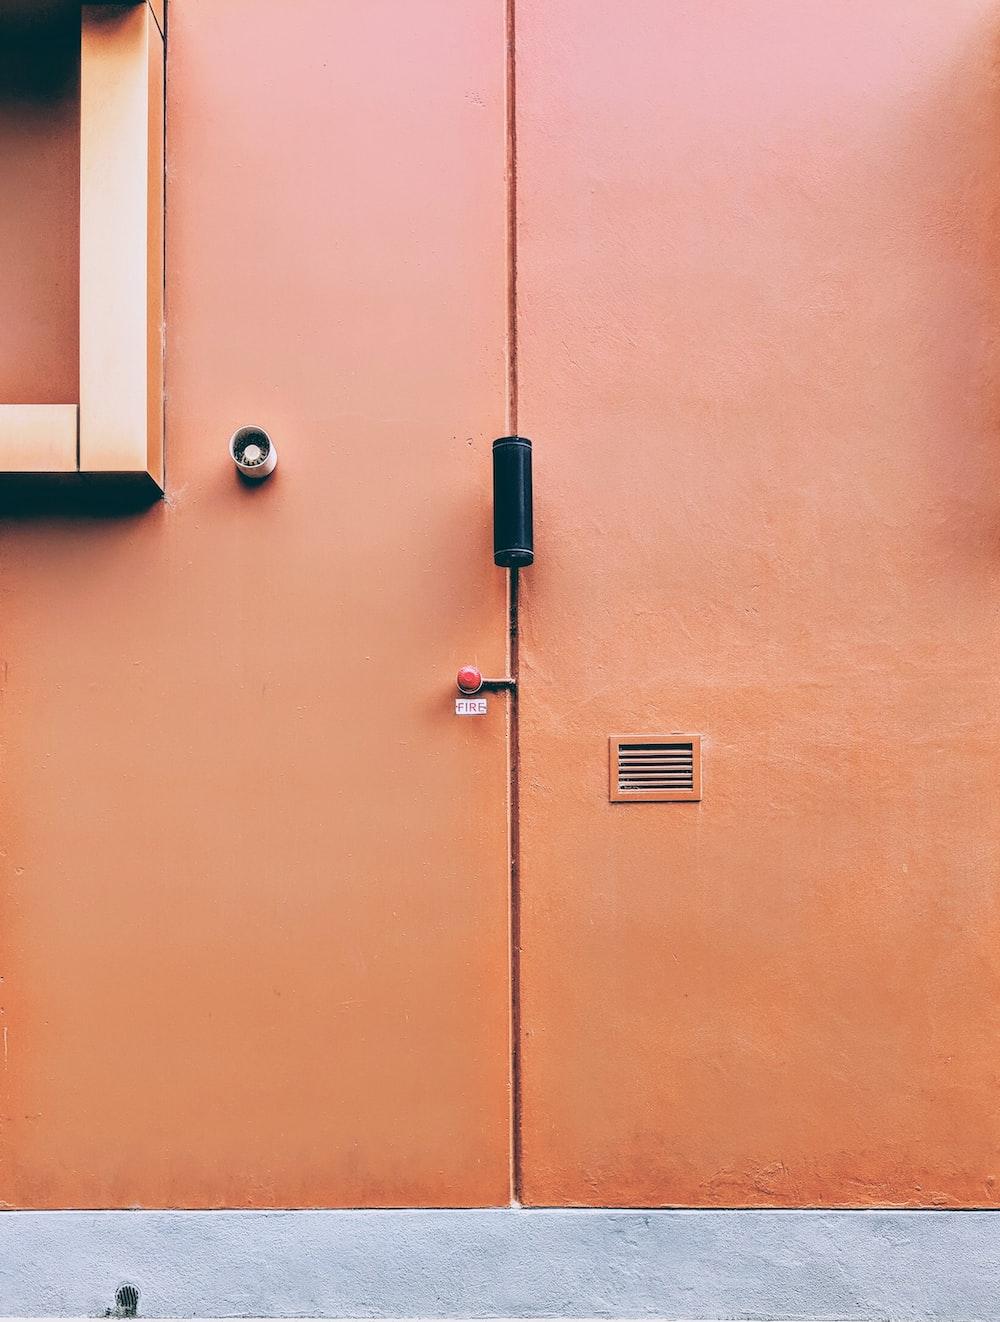 gray metal door handle